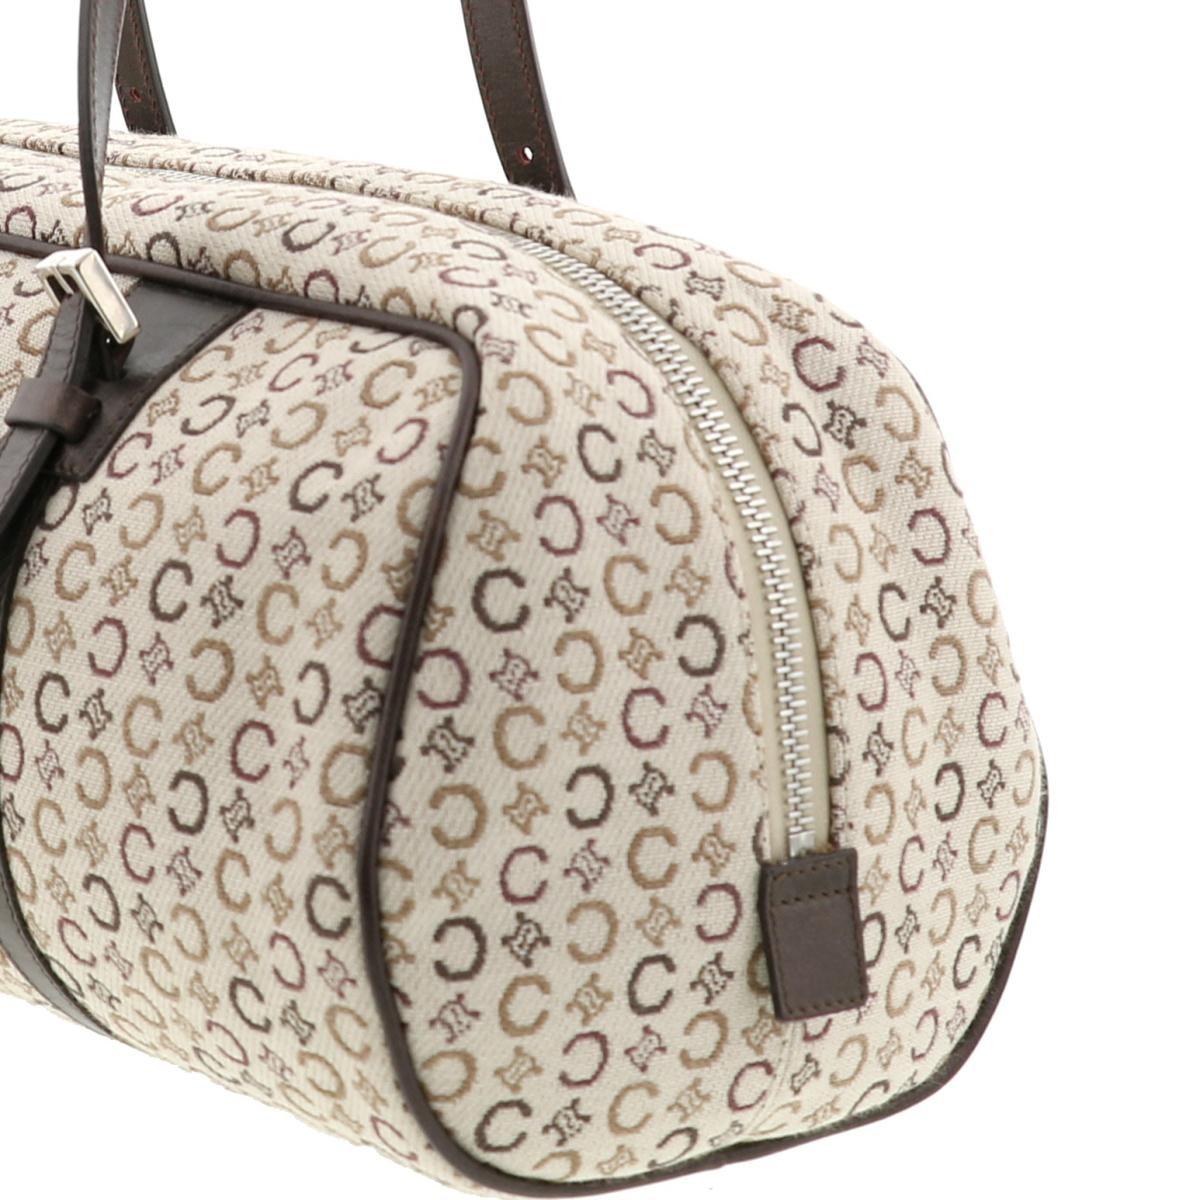 【中古】セリーヌ Cマカダム ハンドバッグ ベージュ CELINE C Macadam Handbag Beige